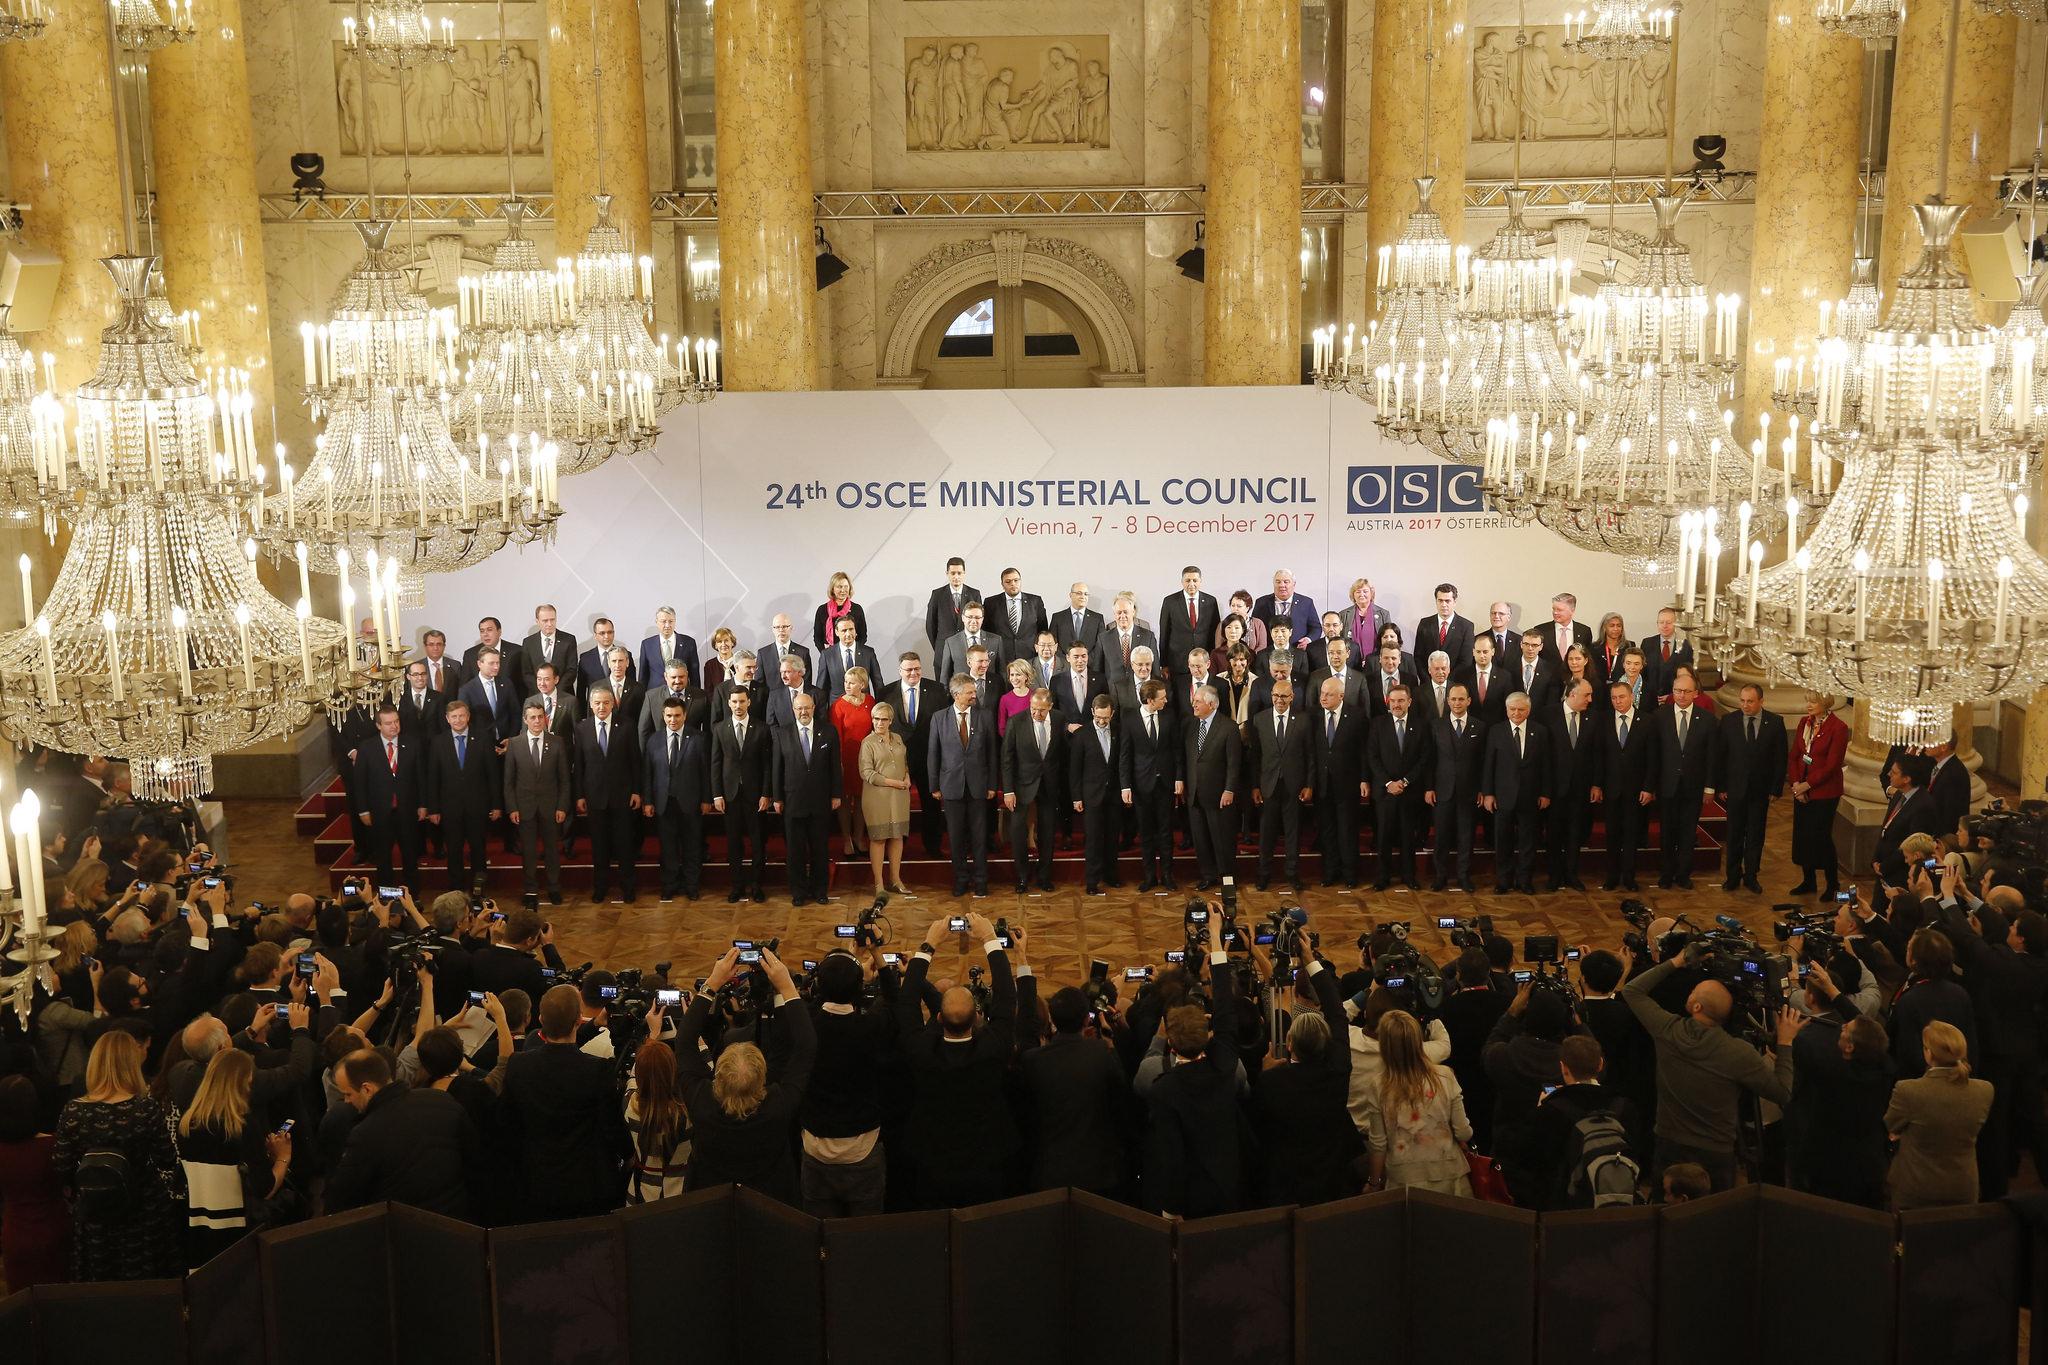 Il Consiglio dei Ministri Osce a Vienna a dicembre 2017 - via Osce PA (CC BY 2.0).